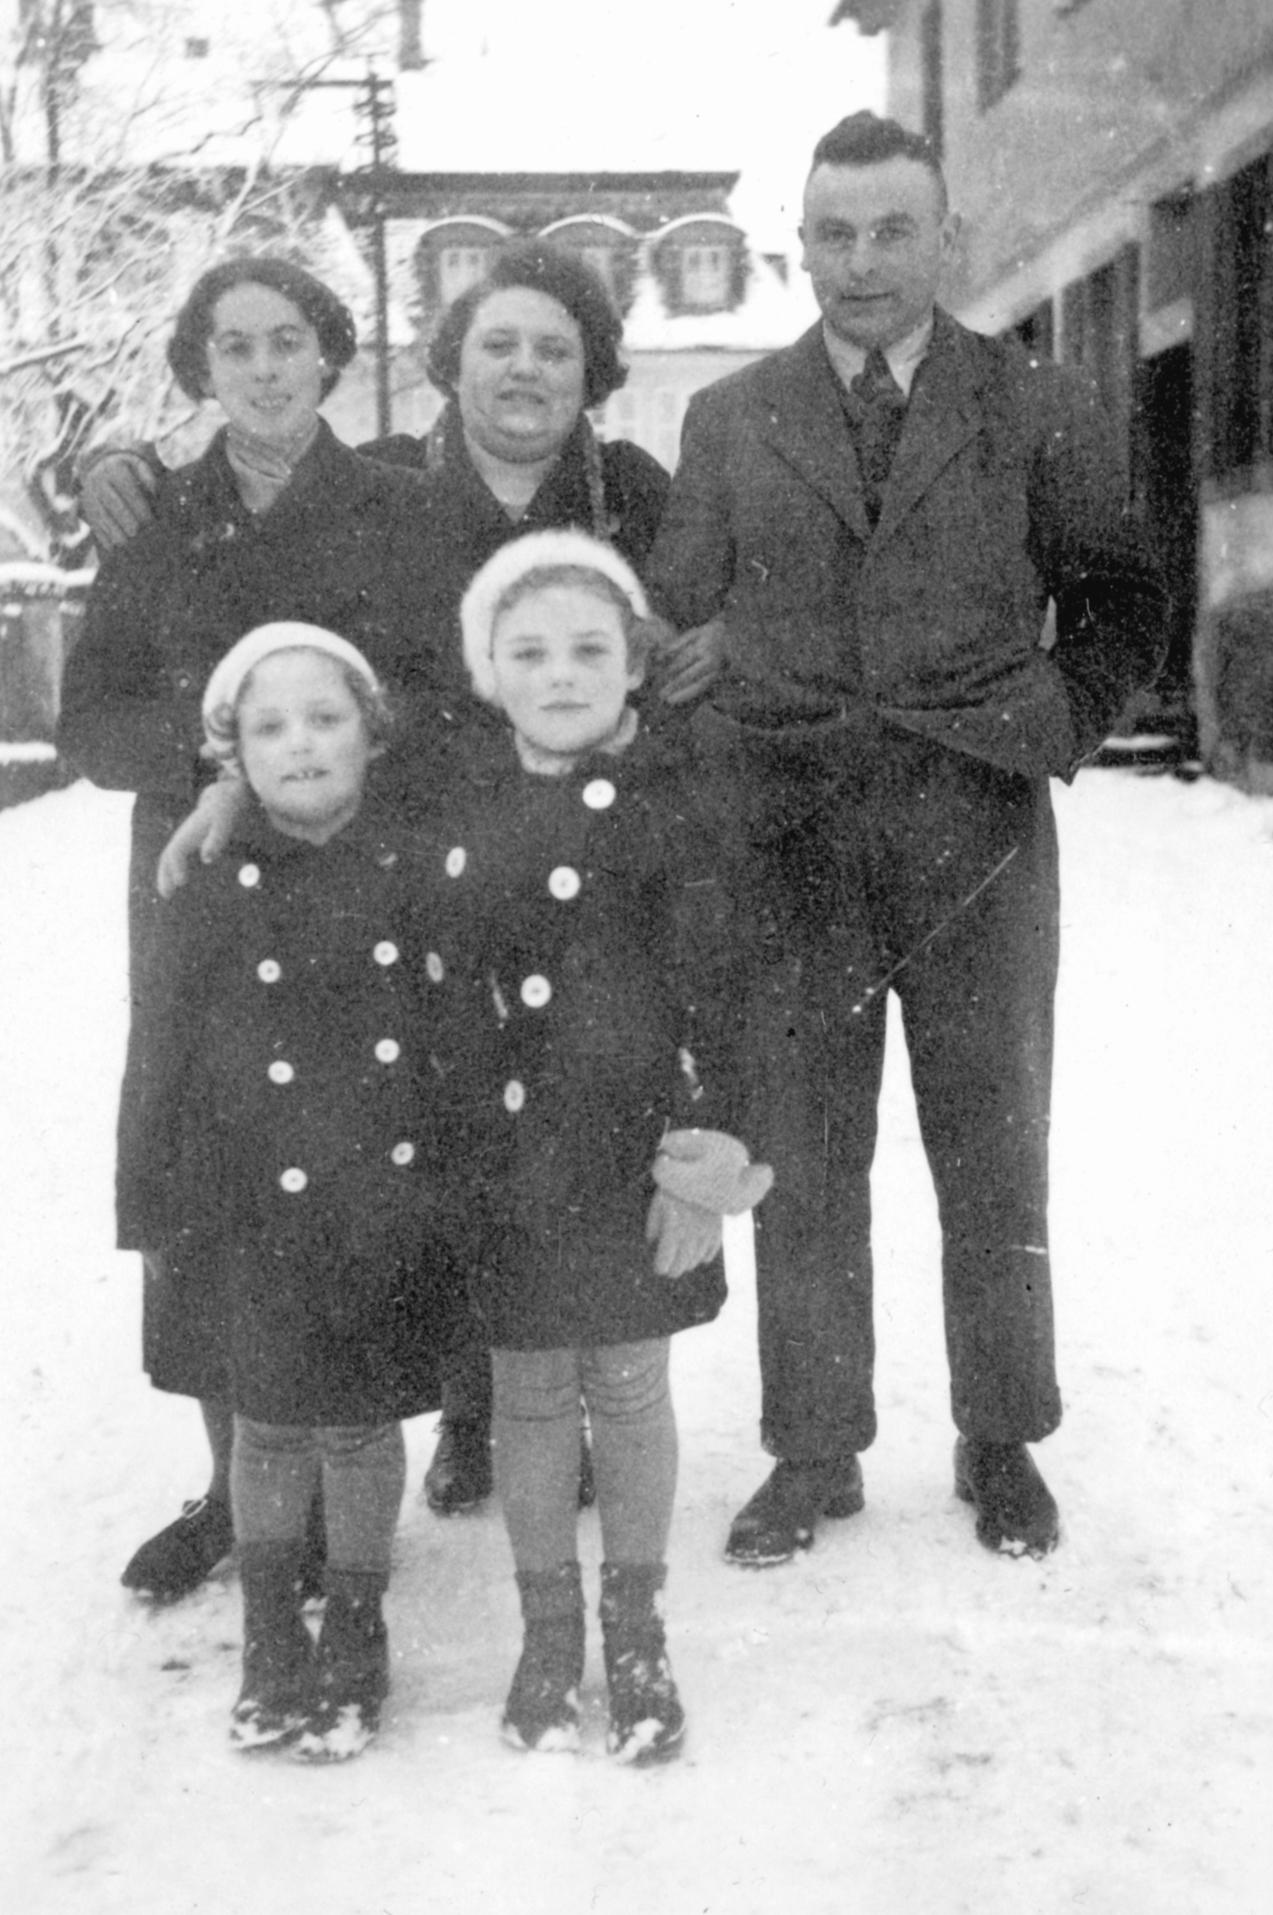 Josef Stein mit Schwester Betti (links), Ehefrau Lili und den Töchter Beate und Hanna (rechts) kurz vir ihrer Abreise nach Palästina.